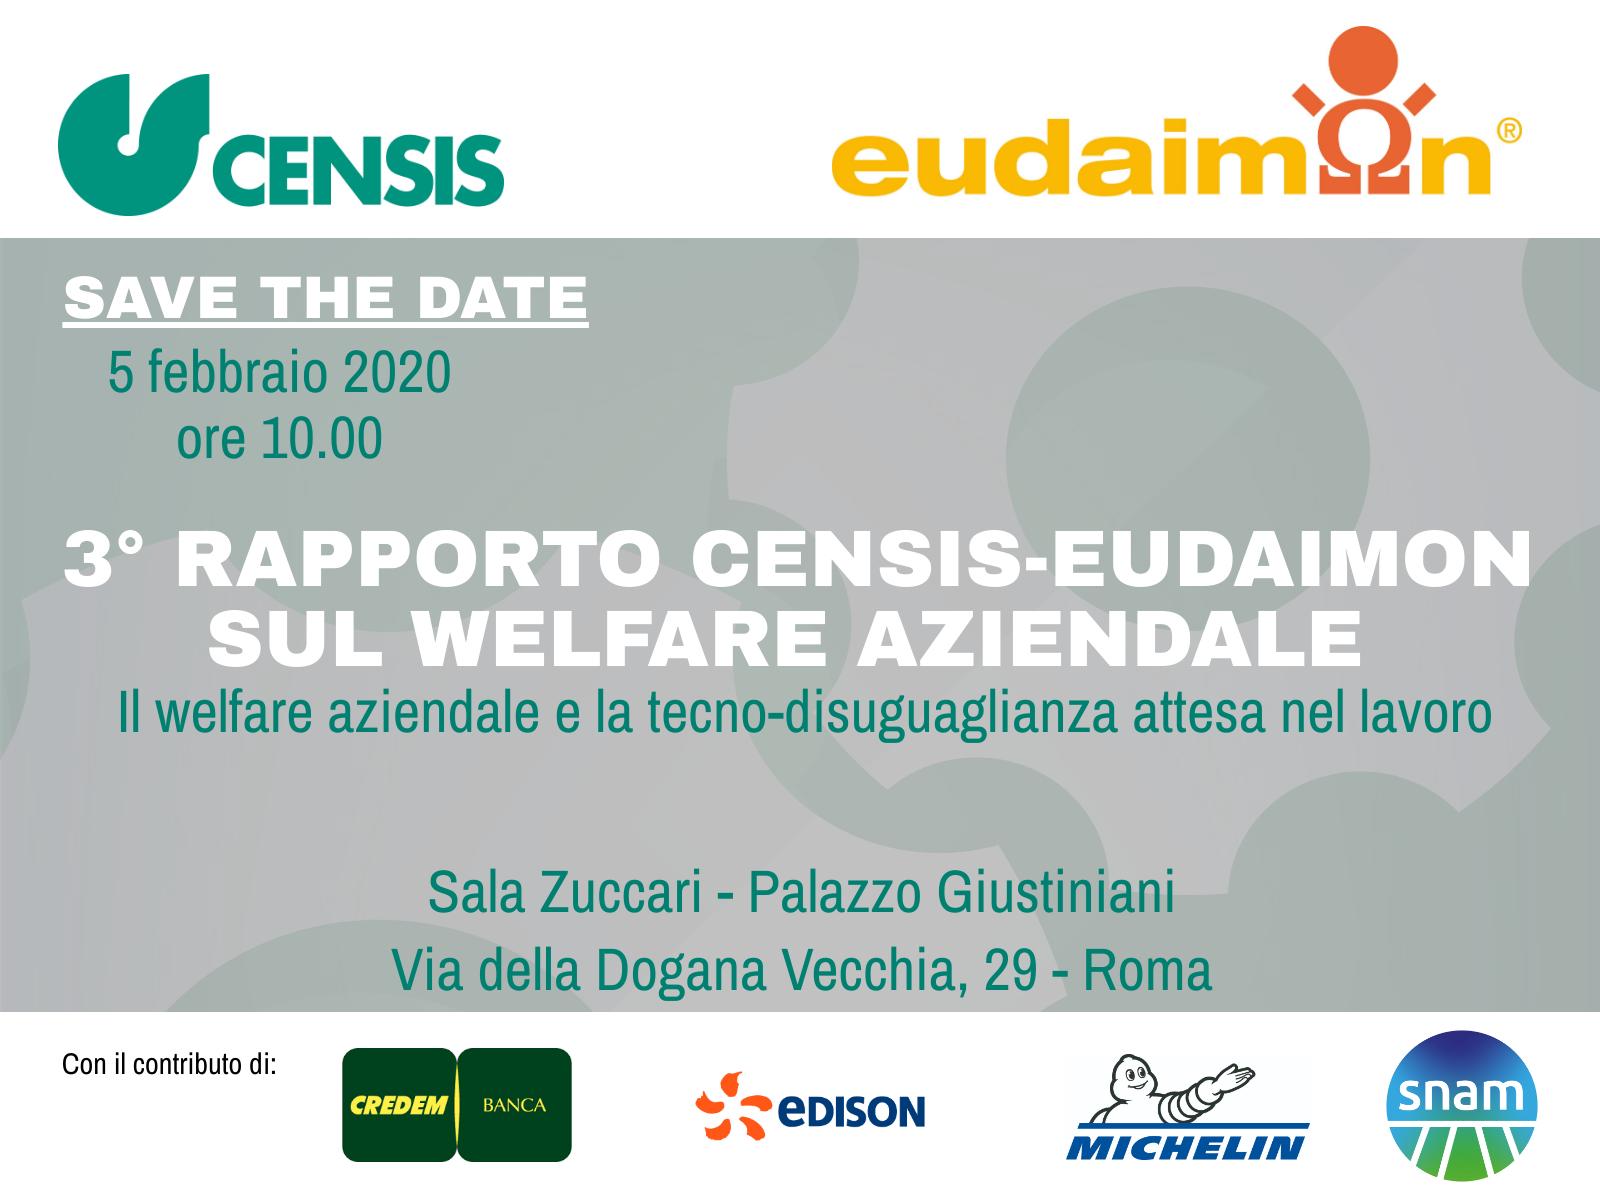 3° Rapporto Censis-Eudaimon sul welfare aziendale – 5 febbraio 2020 – ore 10 – Sala Zuccari di Palazzo Giustiniani - Via della Dogana Vecchia 29 - Roma